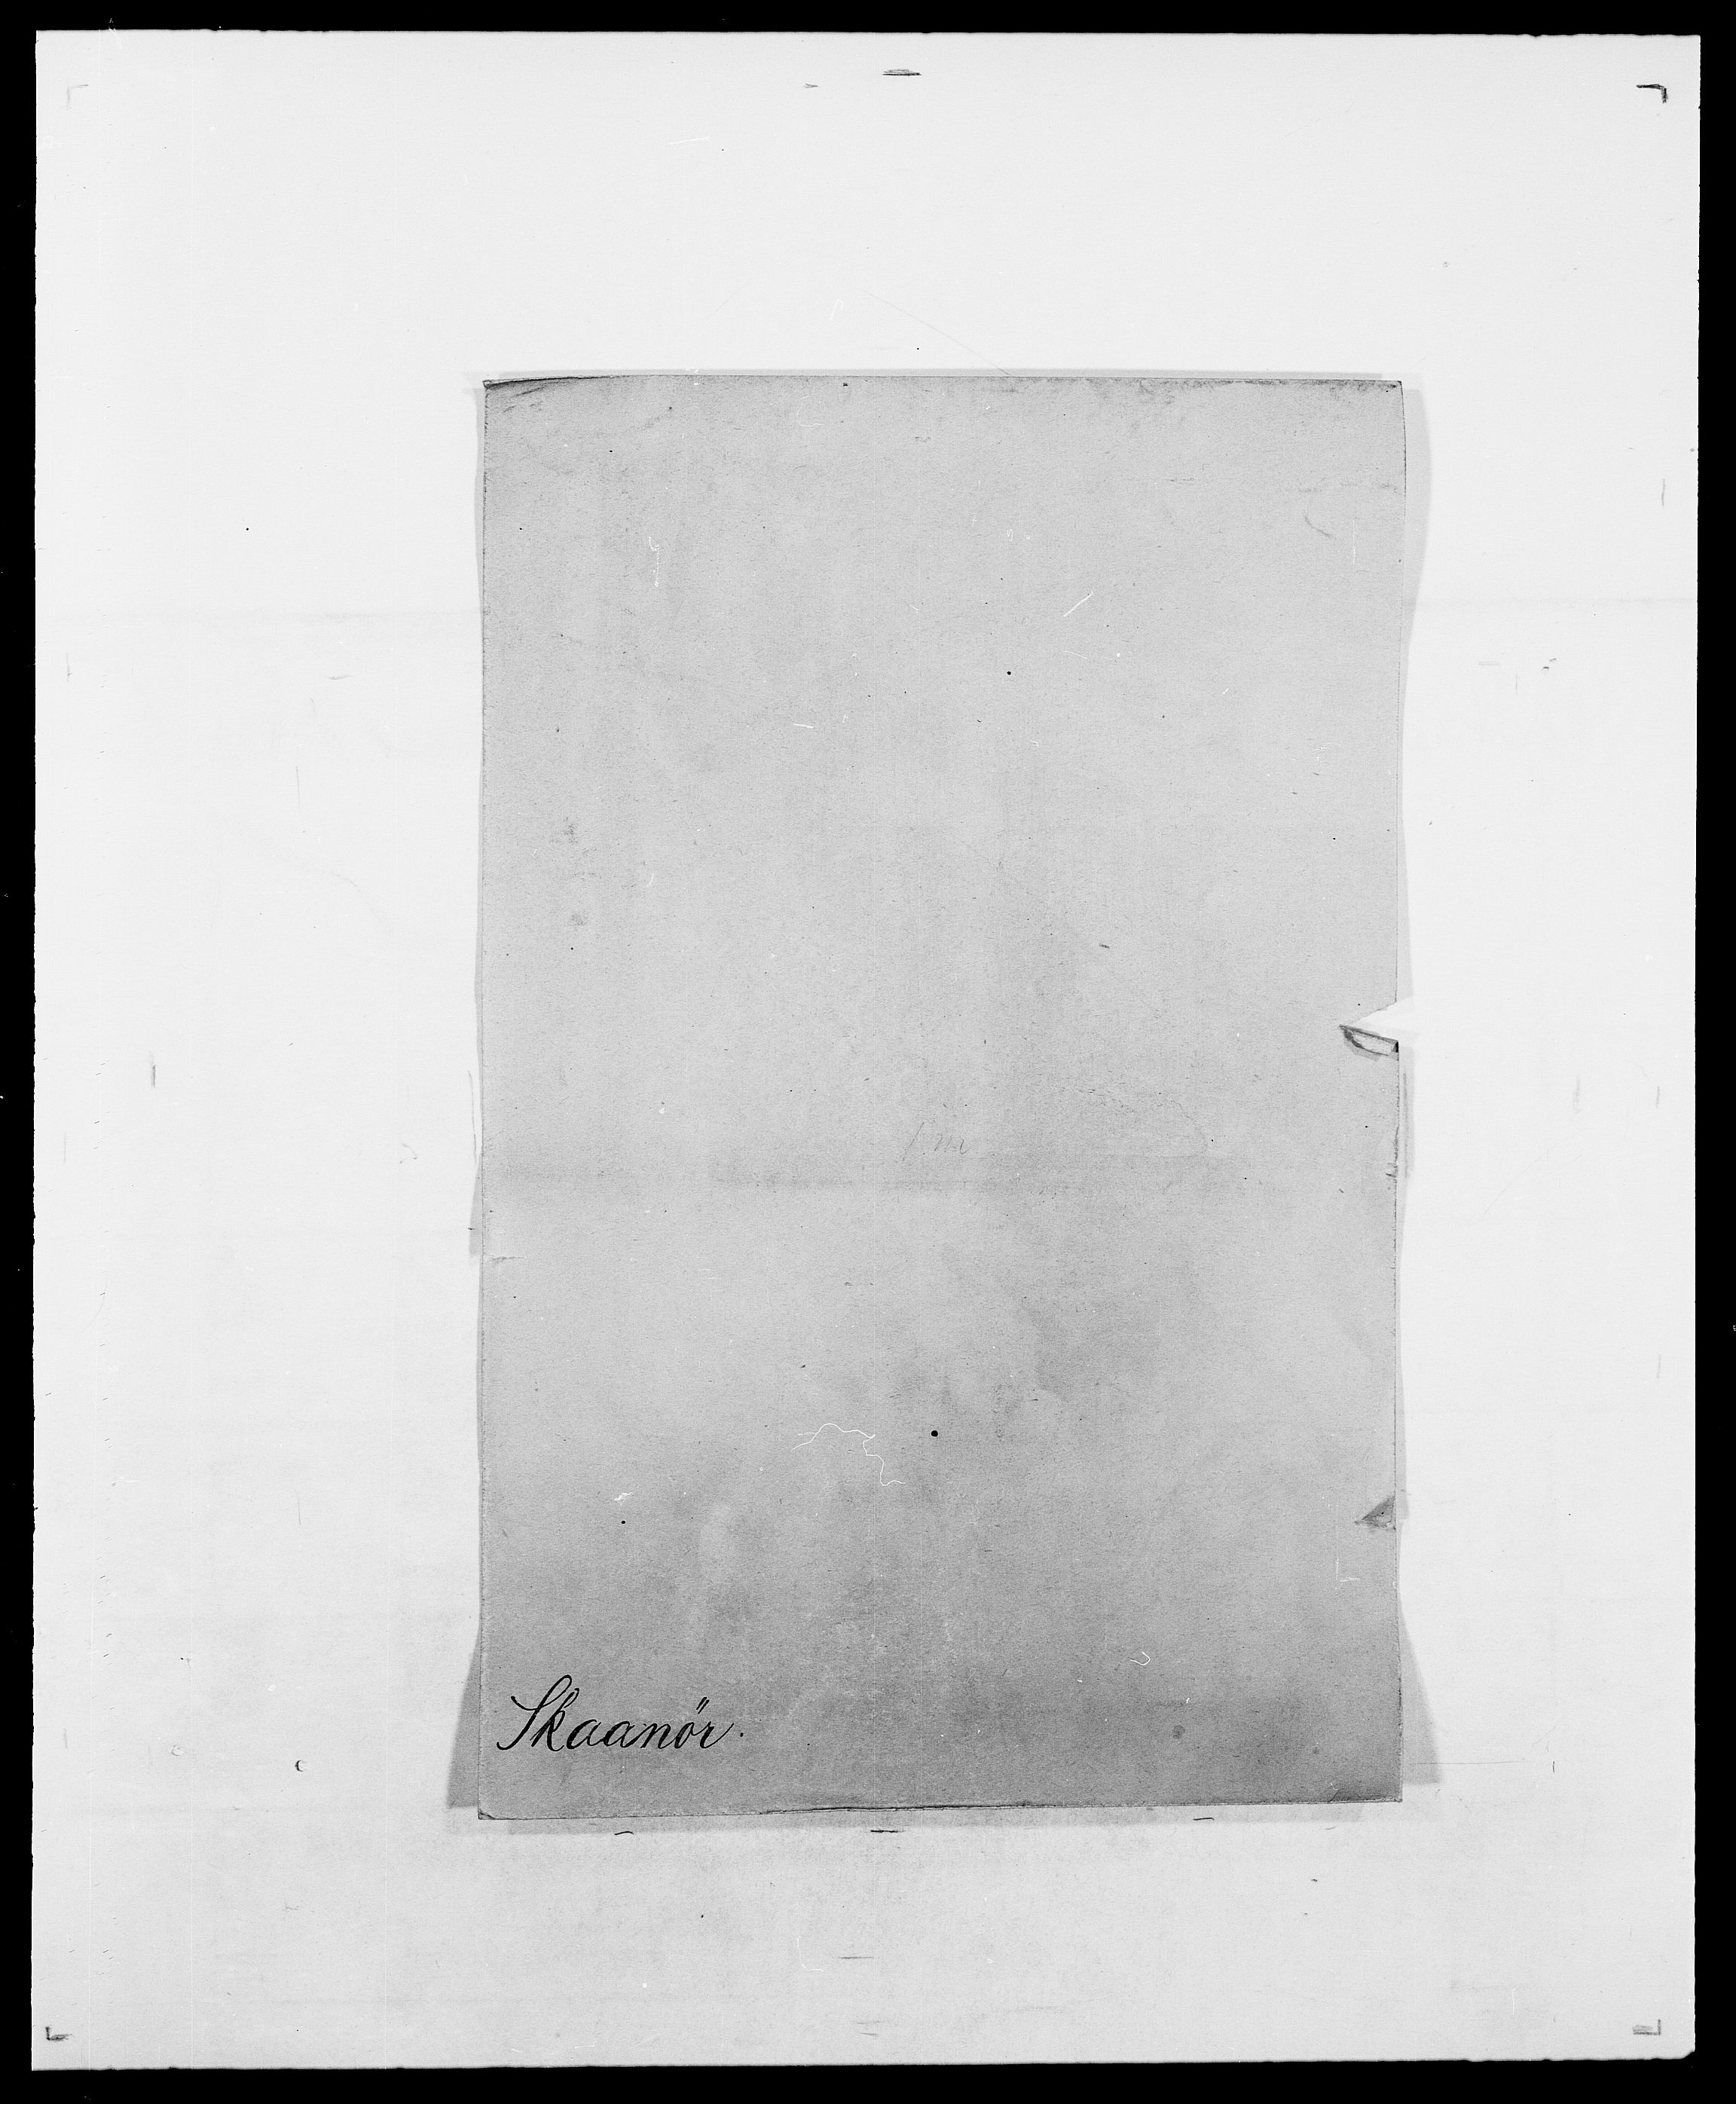 SAO, Delgobe, Charles Antoine - samling, D/Da/L0036: Skaanør - Staverskov, s. 1